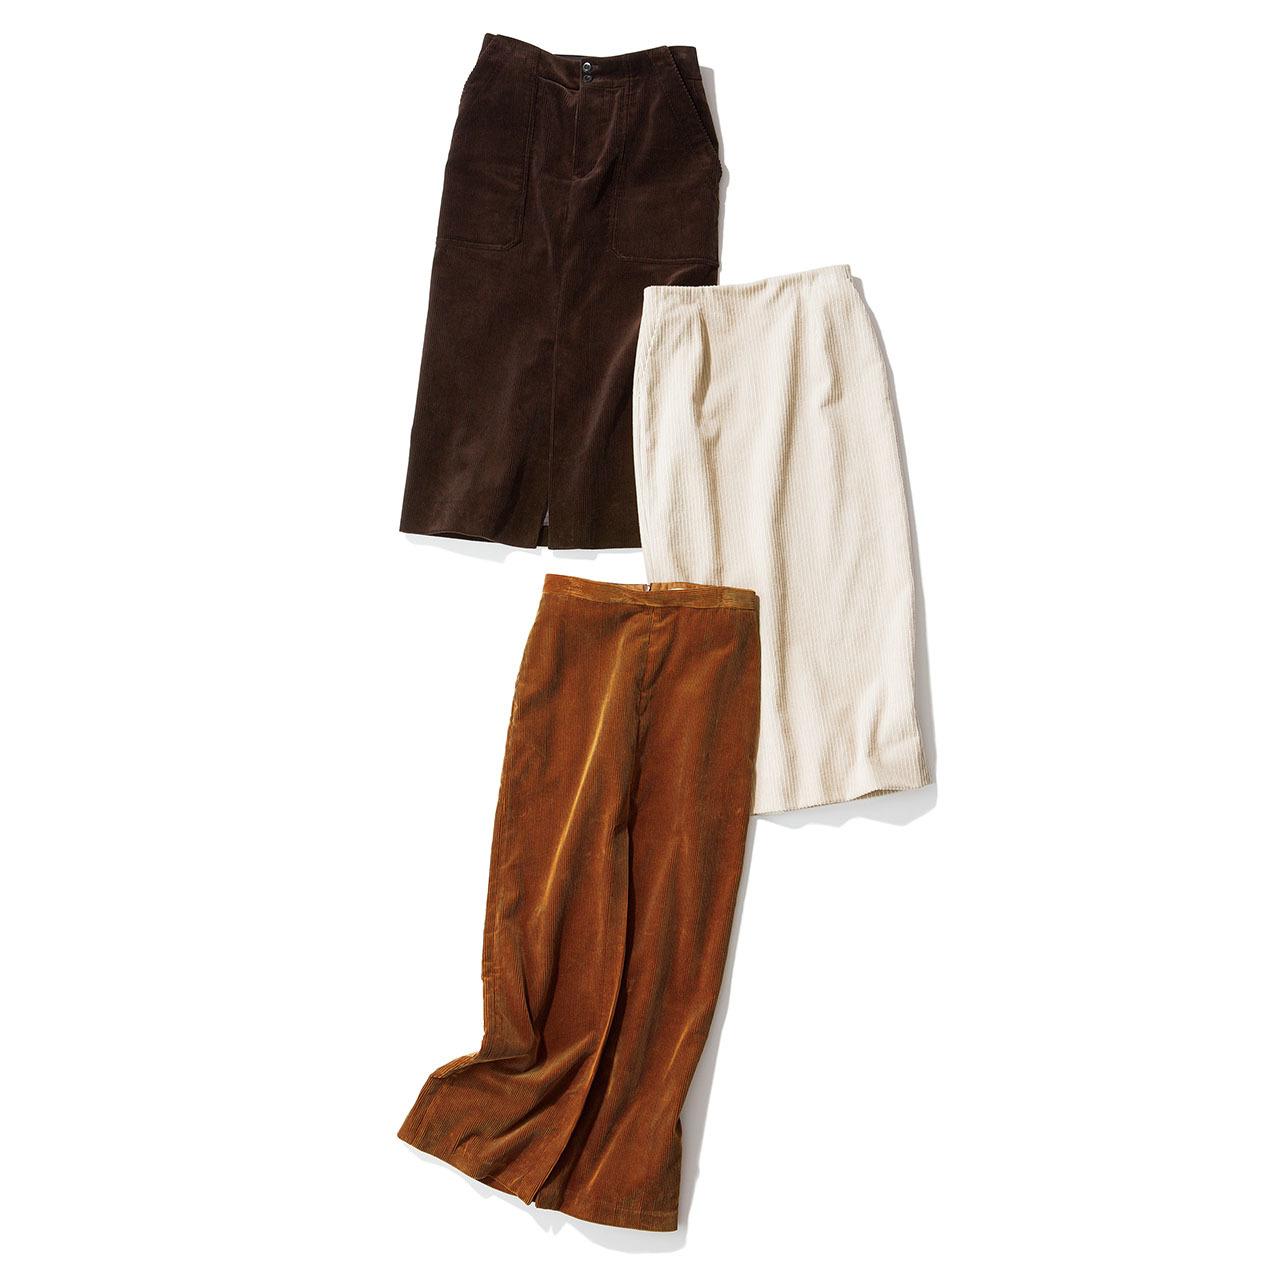 コーデュロイが熱い!コーデュロイのタイトスカートで一気に旬度と女らしさをアップ_1_1